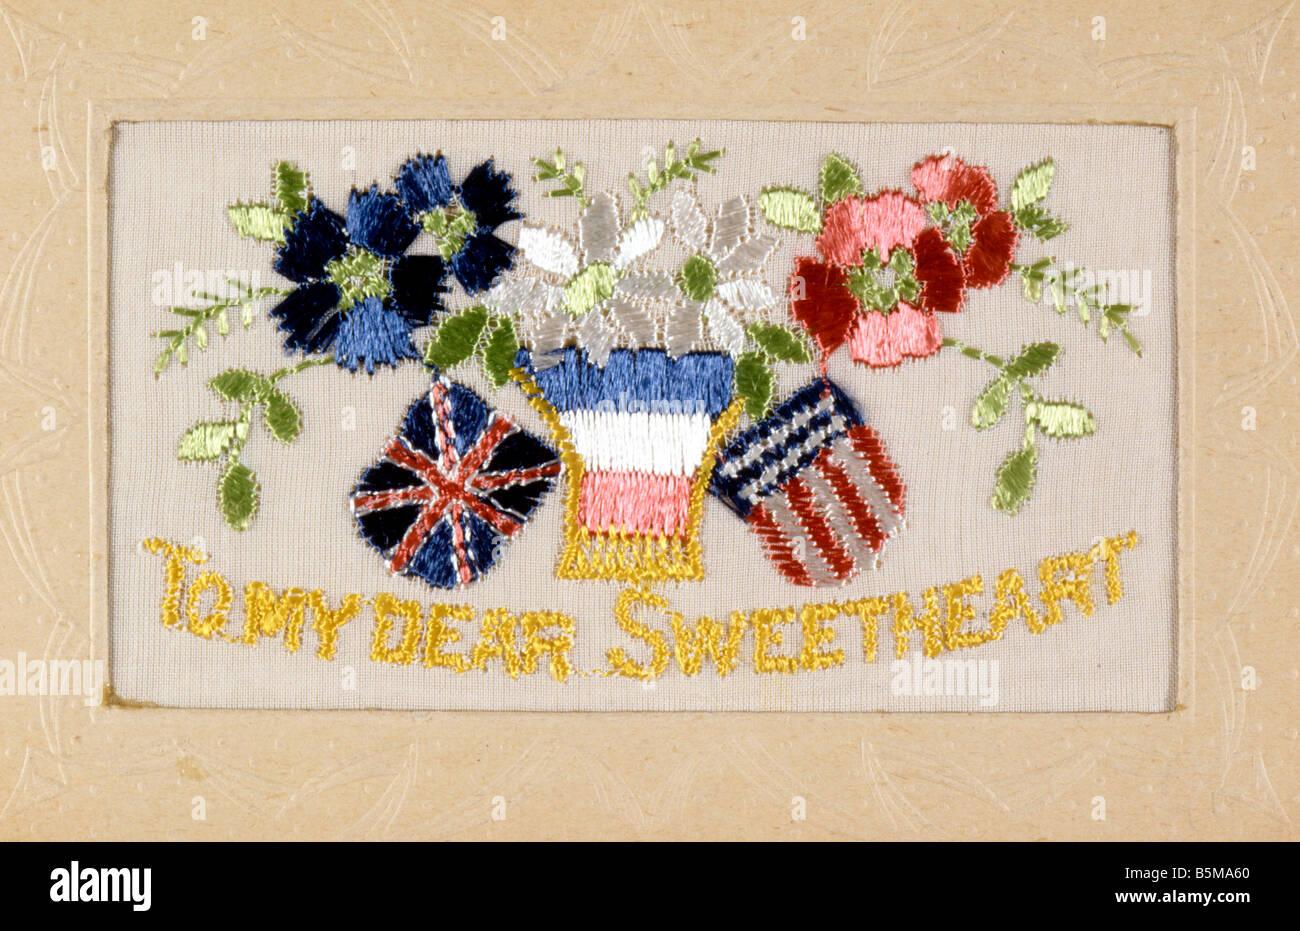 2 G55 P1 1918 13 E a mi querido sweetheart Postal 1918 Historia de la I Guerra Mundial Propaganda a mi querido sweetheart Imagen De Stock